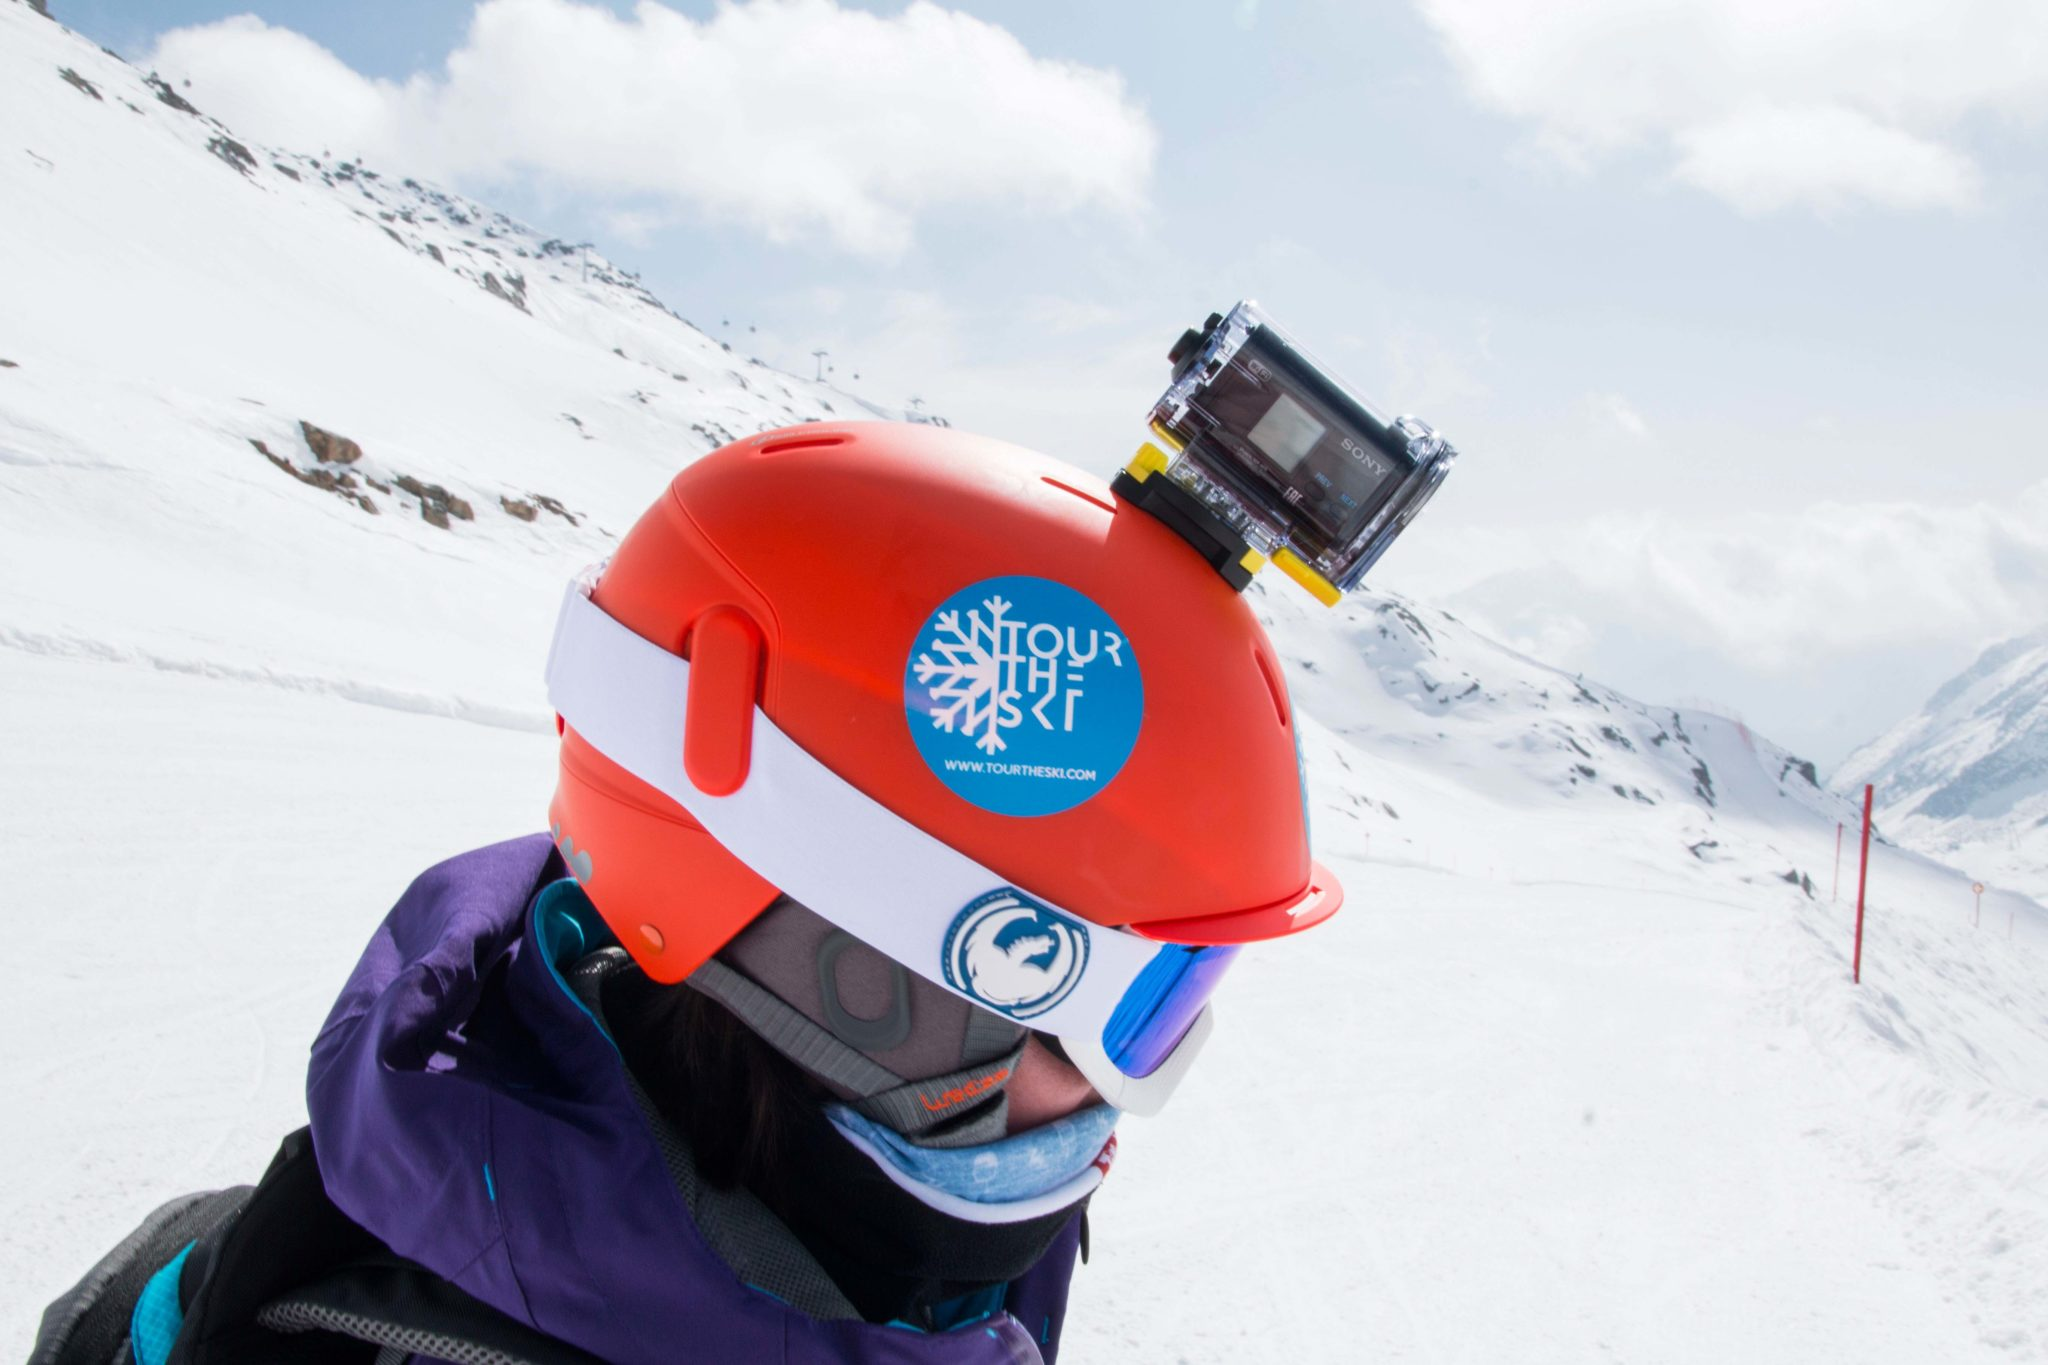 tour the ski – Austria 2015